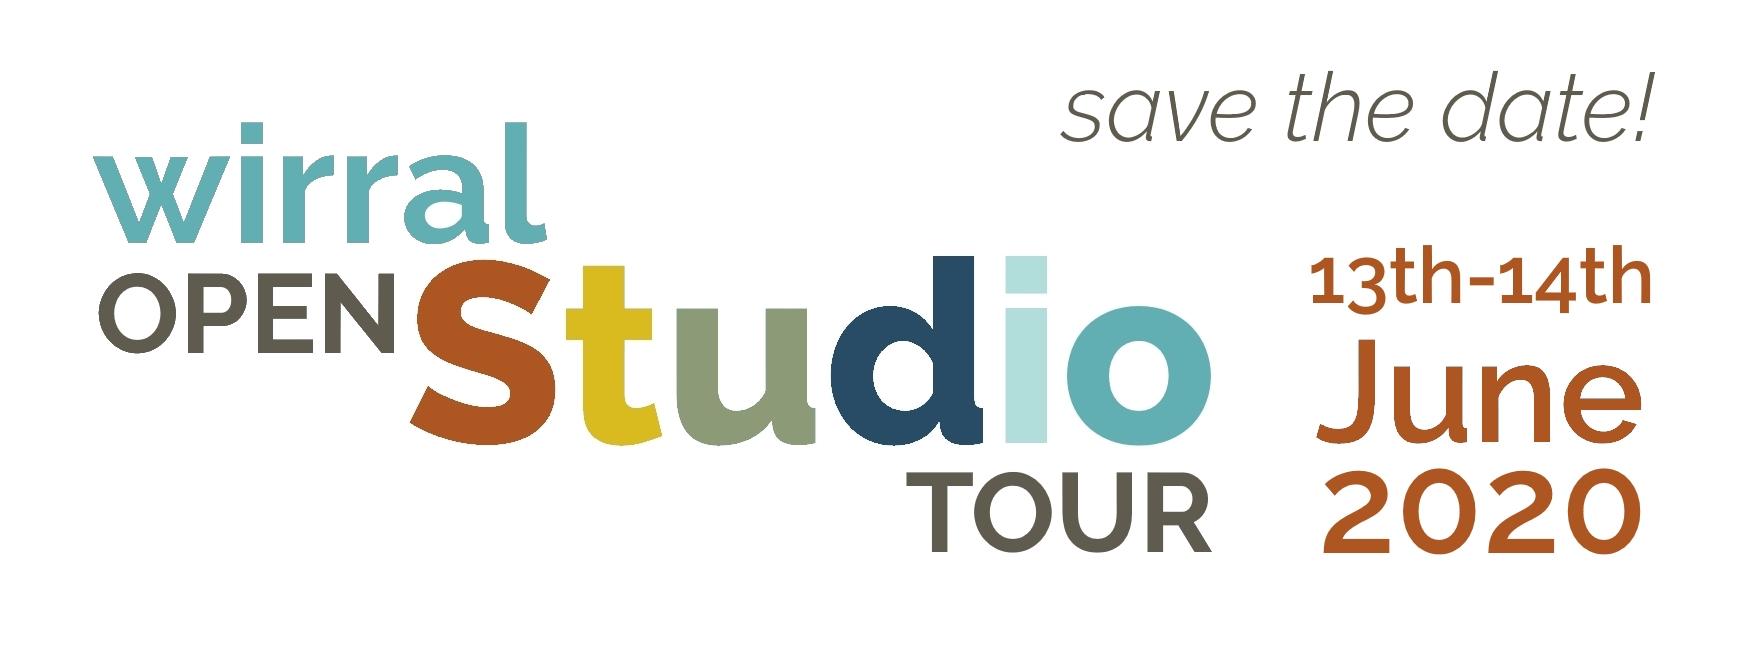 Wirral Open Studio Tour